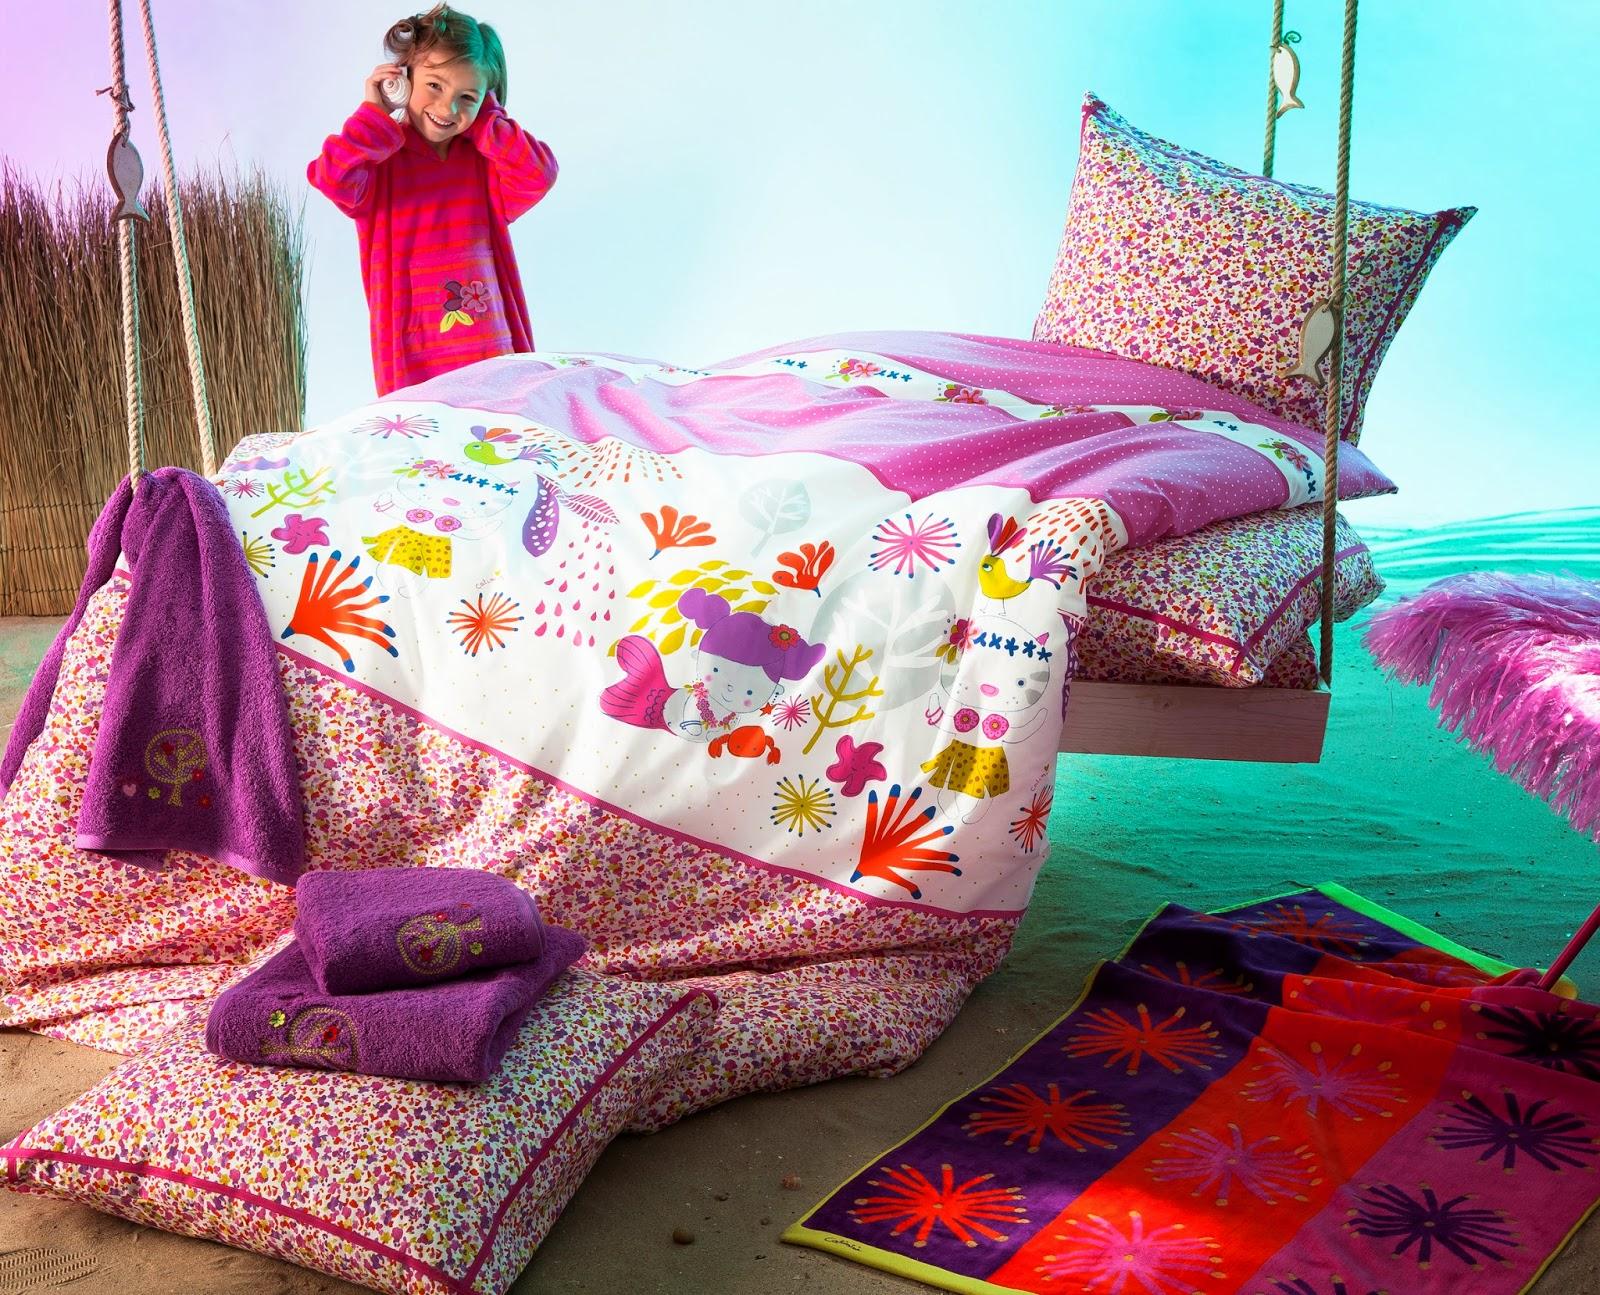 ces doux moments catimini c est aussi du beau linge de. Black Bedroom Furniture Sets. Home Design Ideas